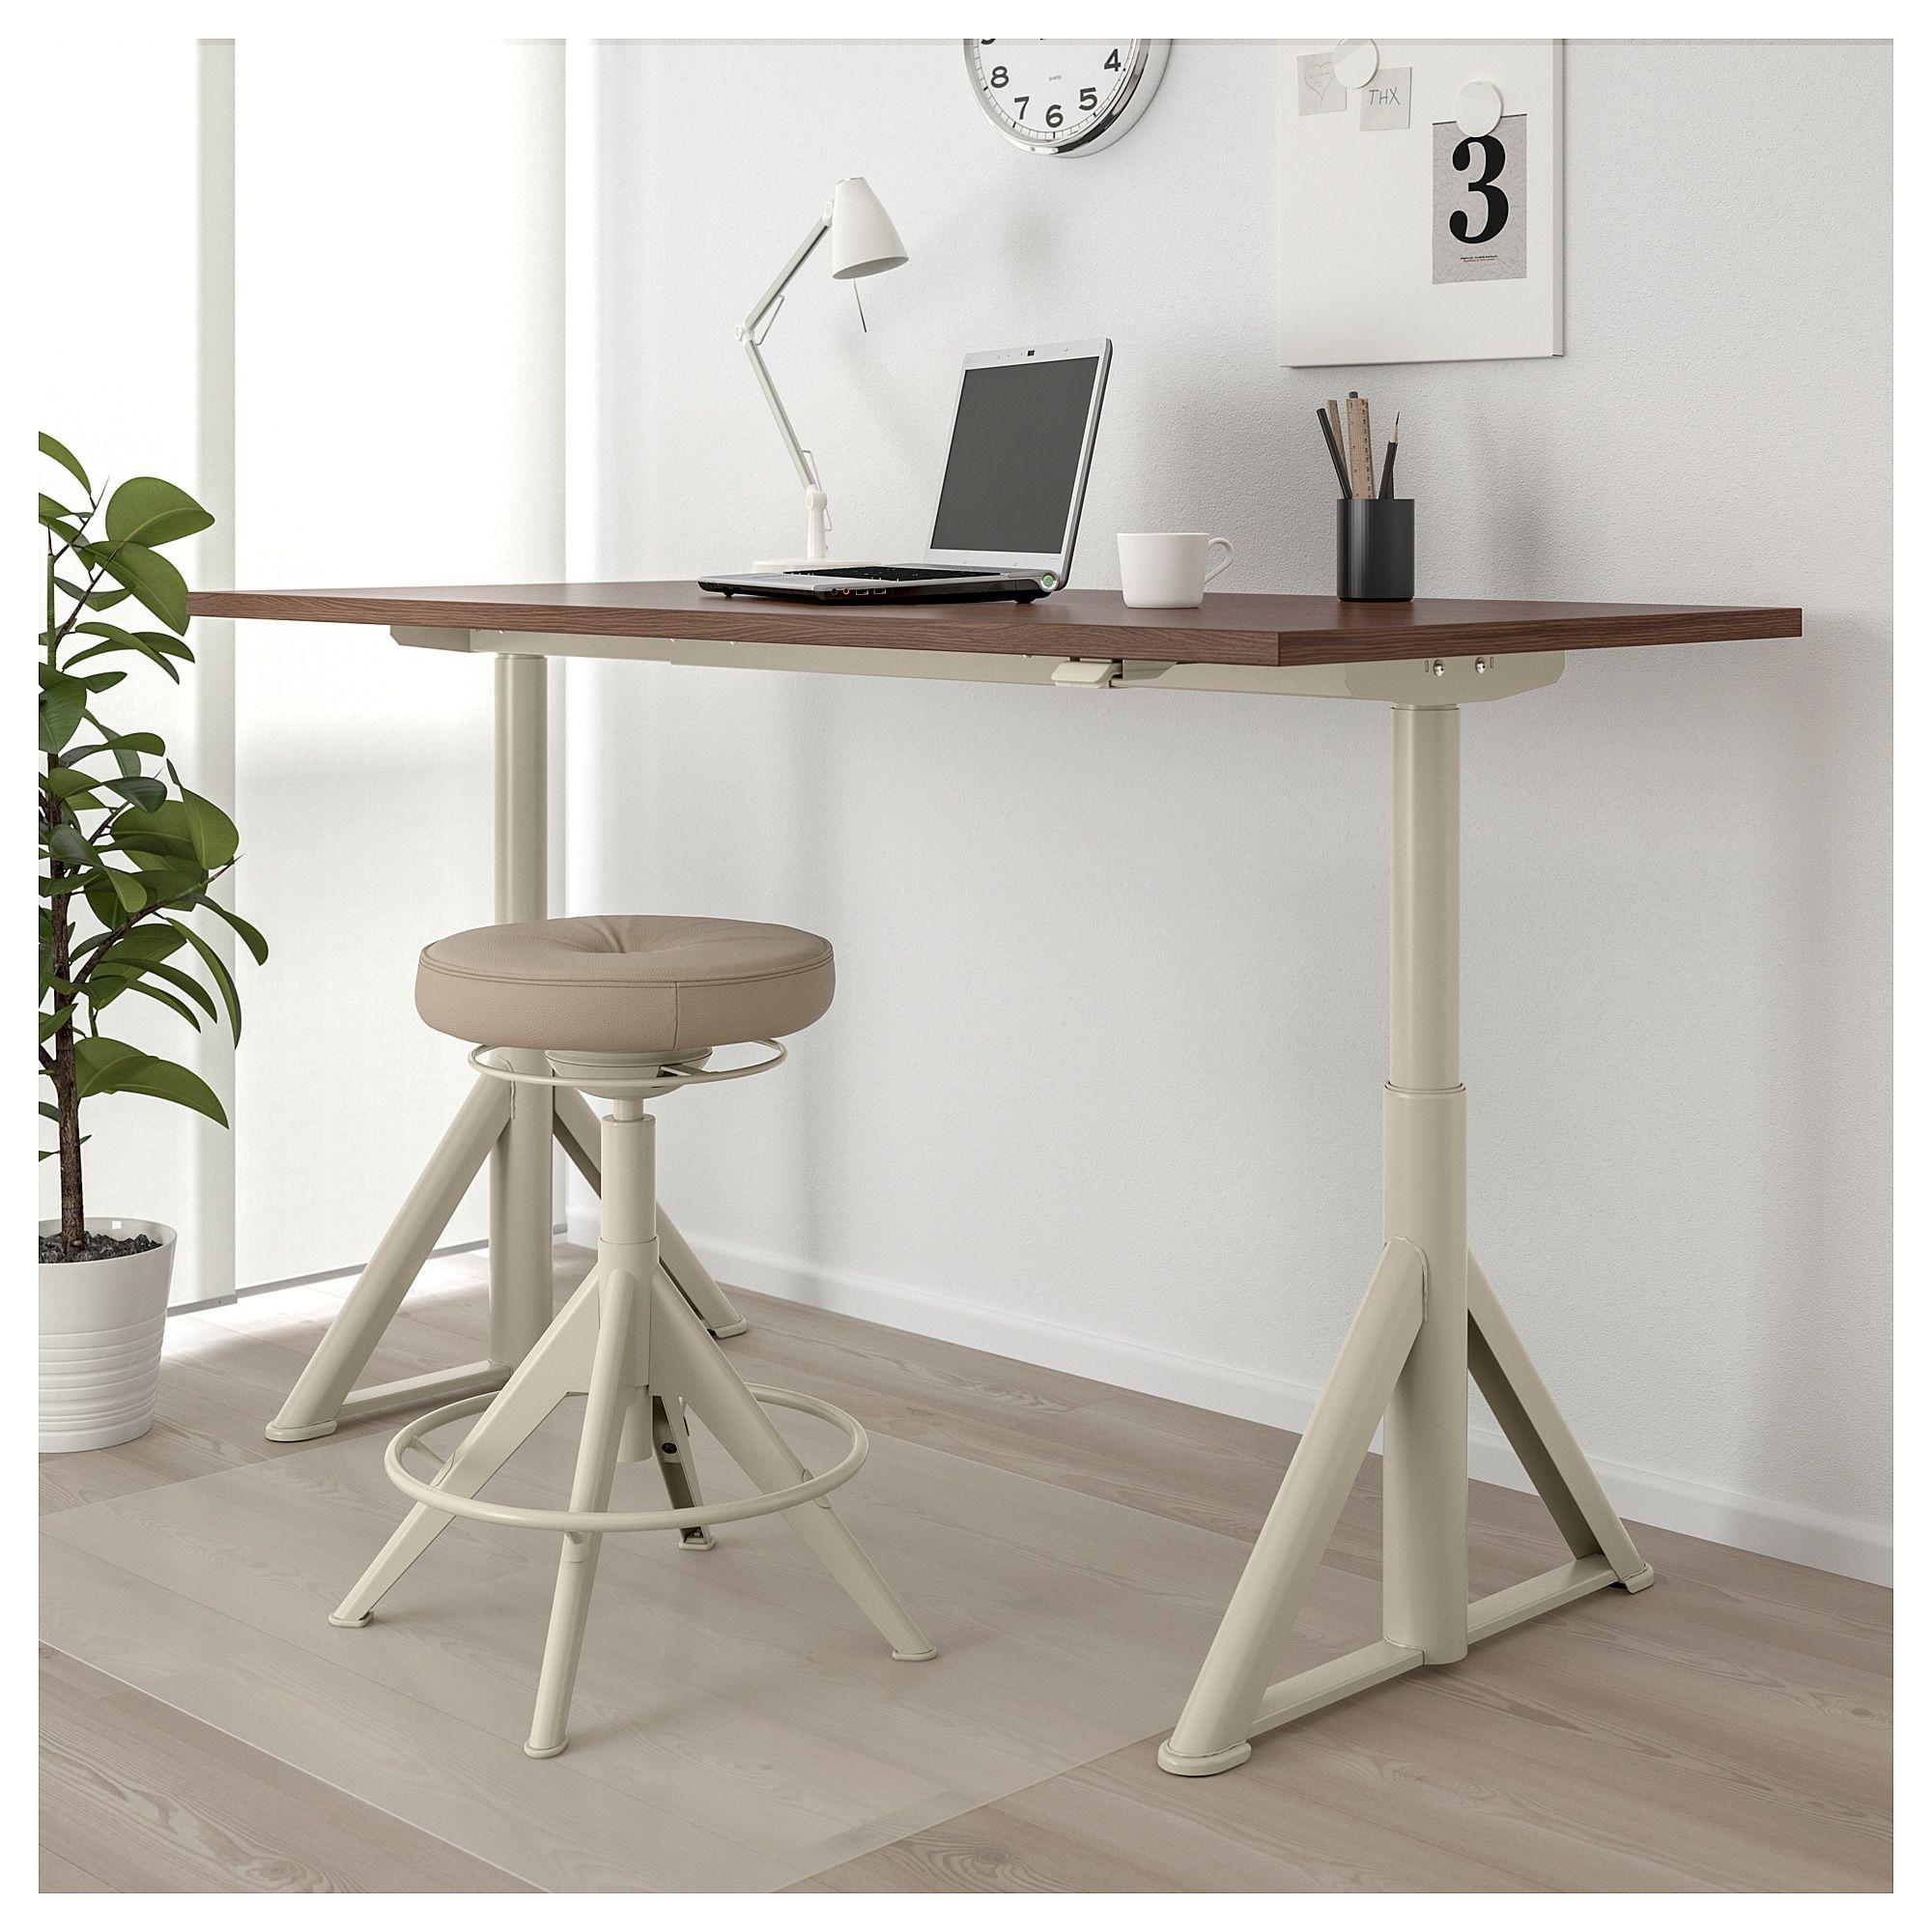 Idasen Desk Sit Stand Brown Beige Ikea Canada Ikea Ikea Standing Desk Sit Stand Desk Diy Standing Desk